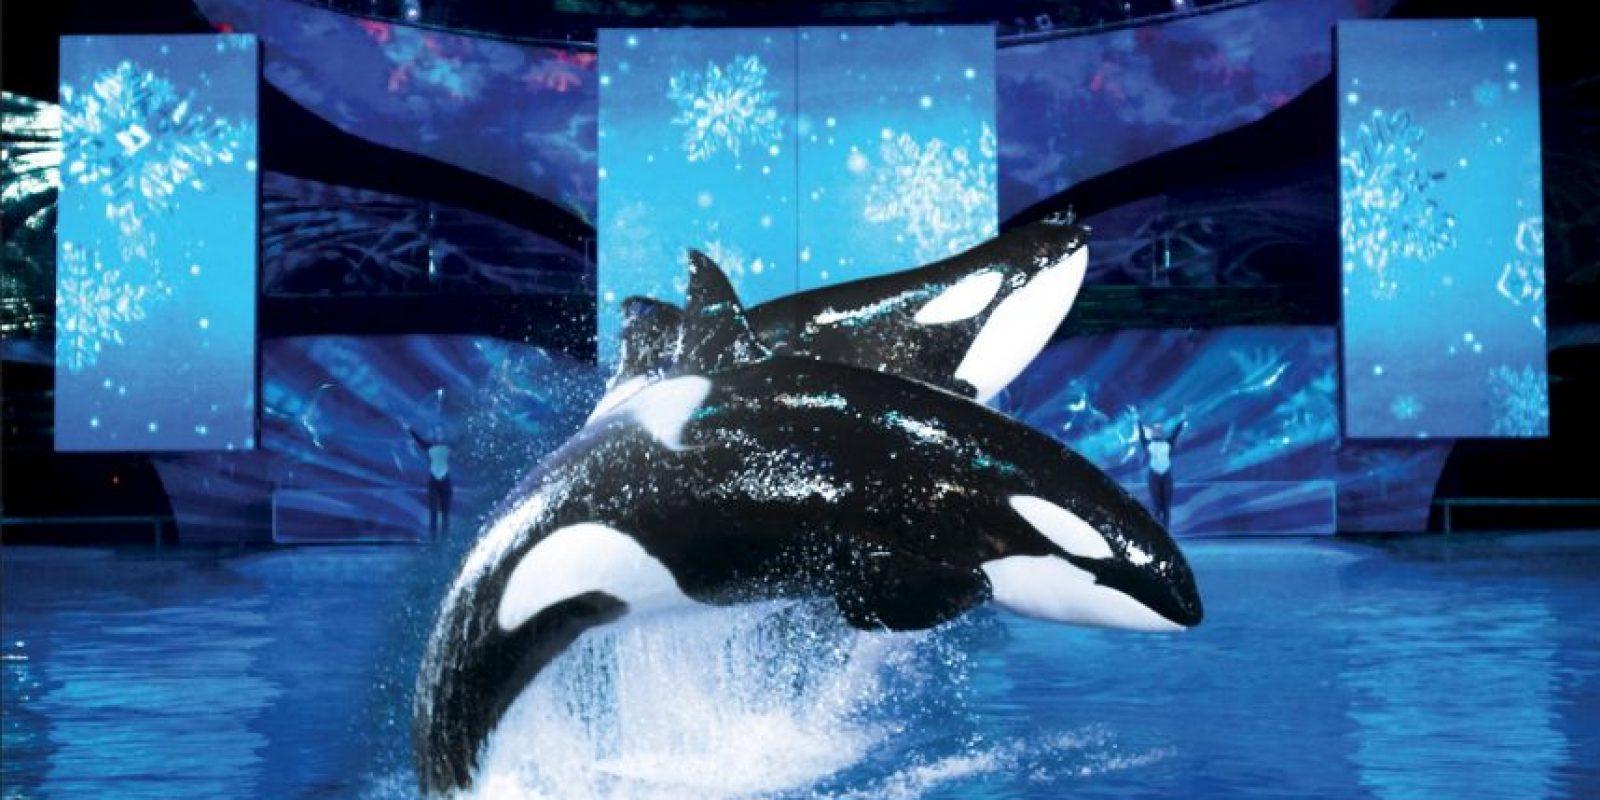 Estos animales pueden llegar a medir hasta siete metros (22 pies). Foto:Vía facebook.com/SeaWorld